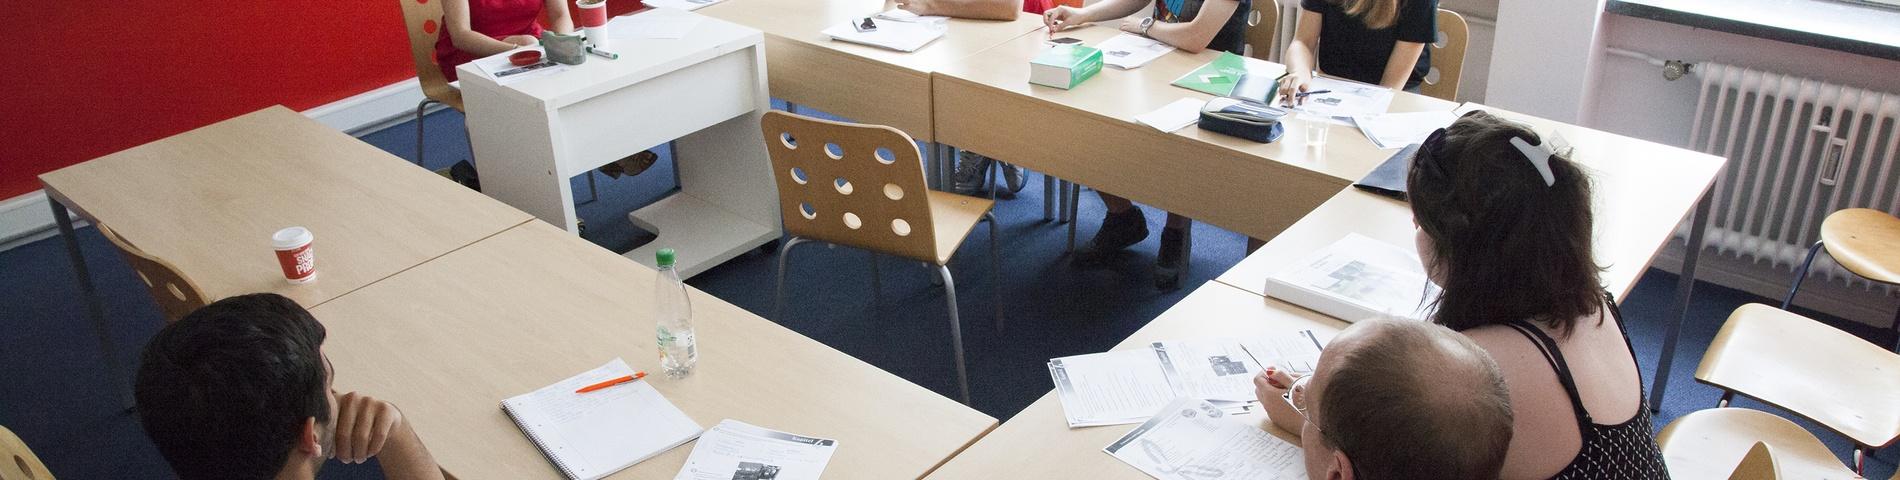 Berlin Sprachschule billede 1